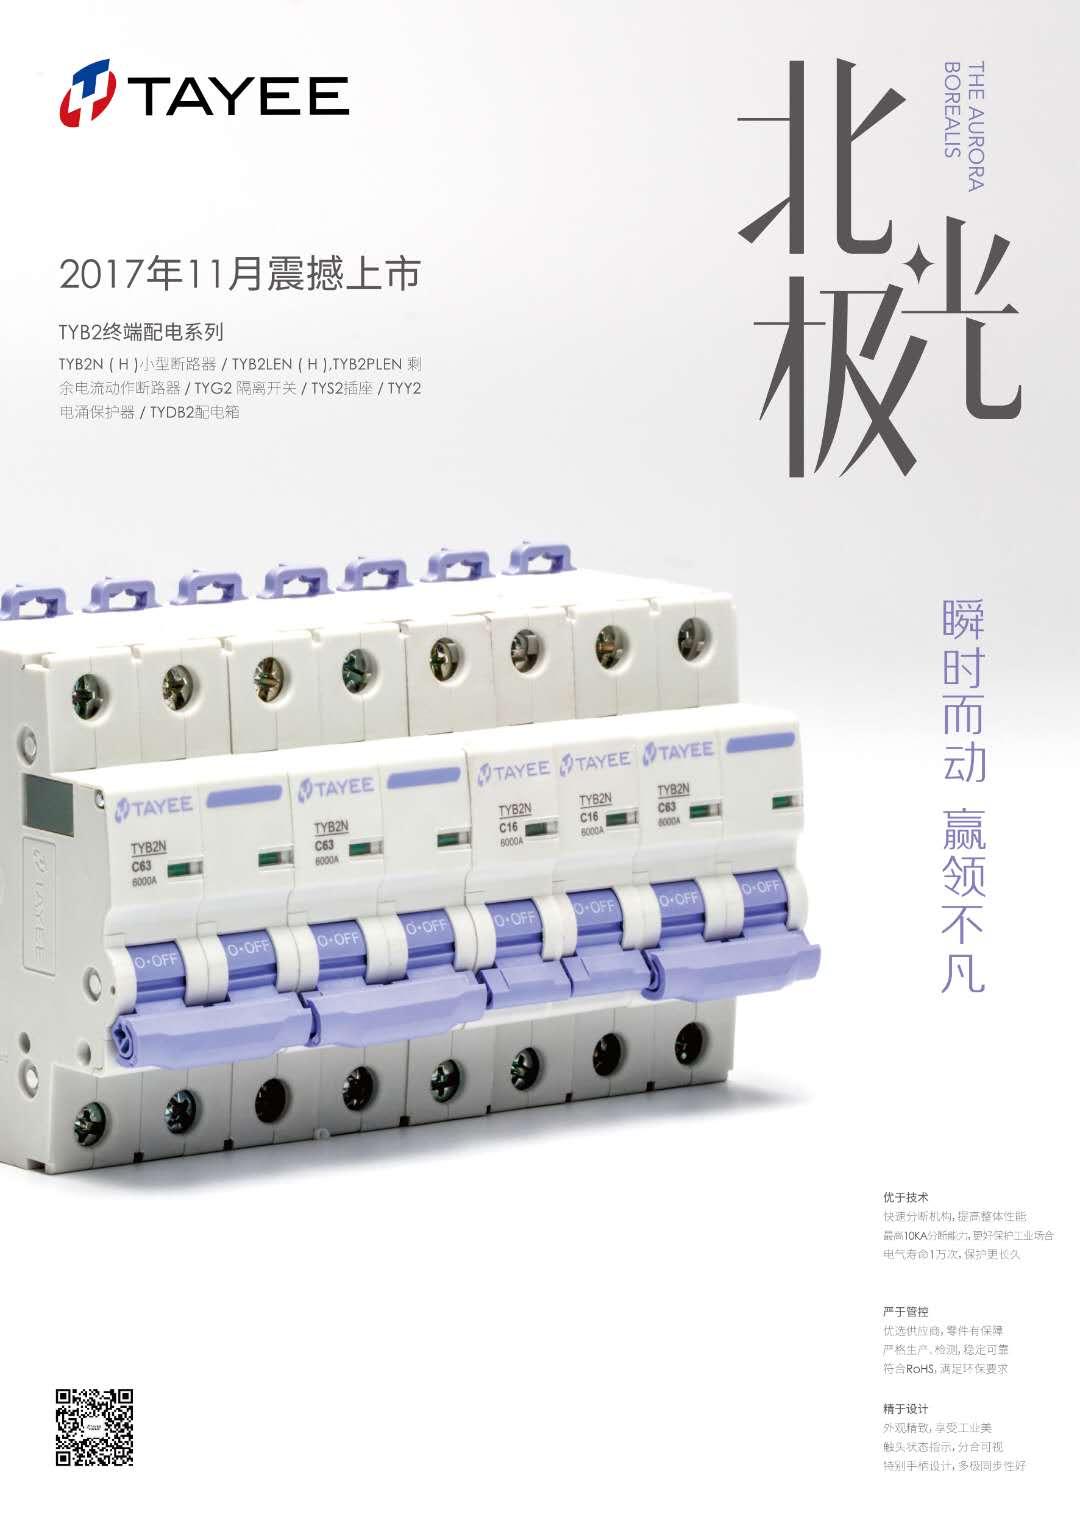 天逸与您相约2017亚洲国际物流技术与运输系统展览会(CeMAT ASIA 2017)